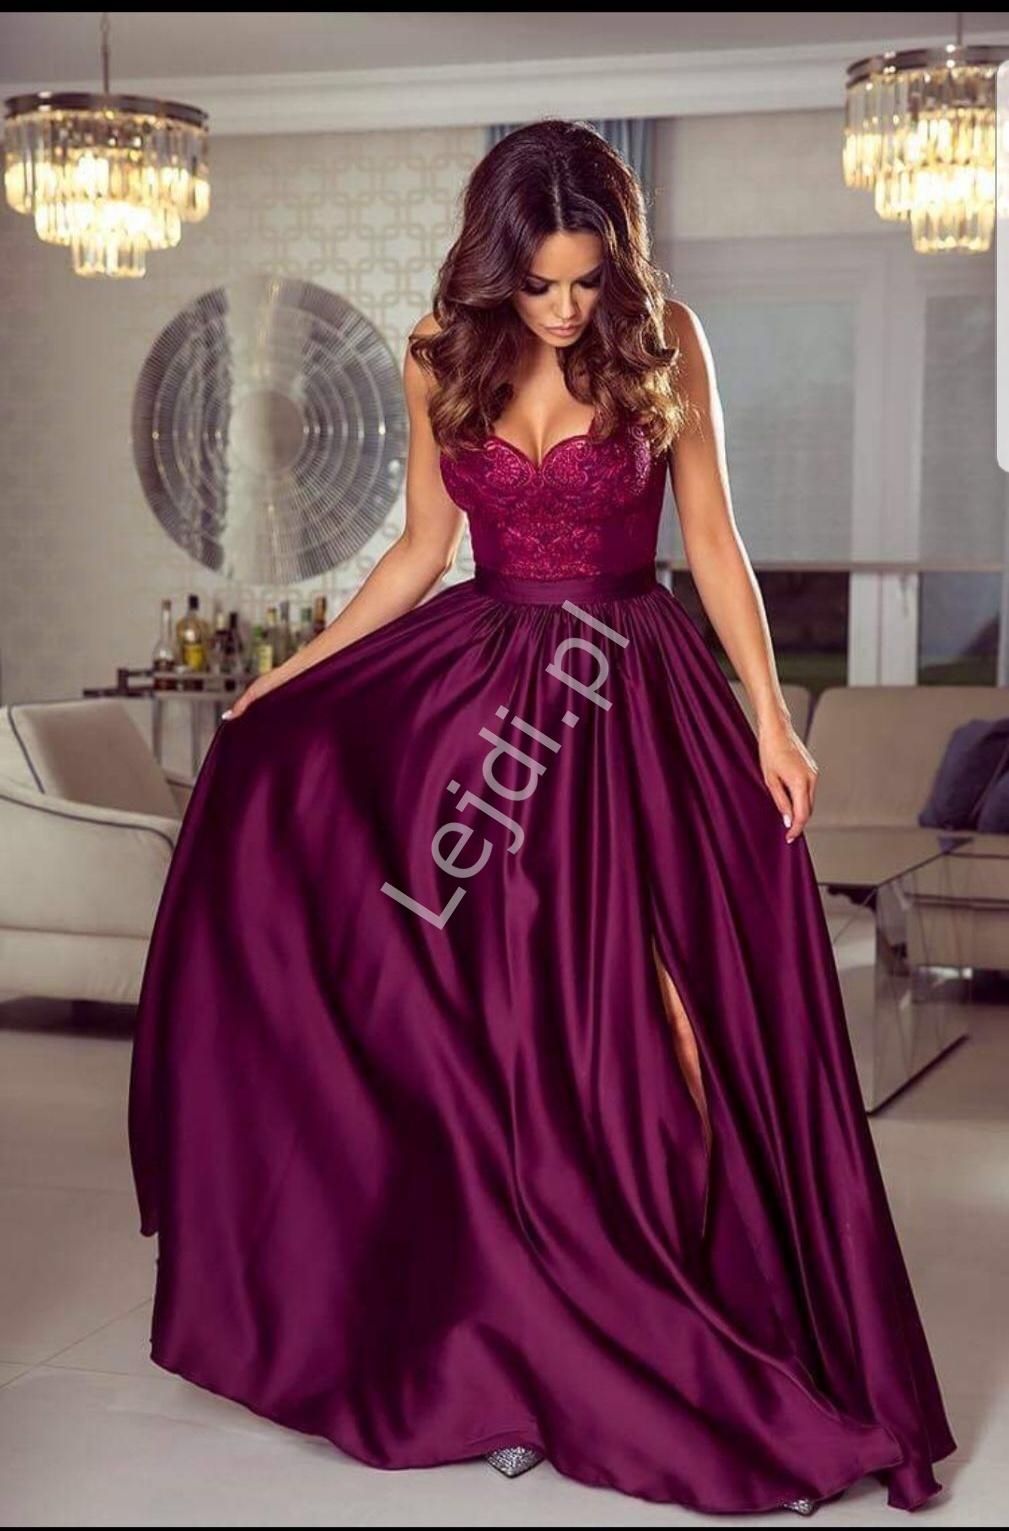 Długa bordowa suknia wieczorowa na cieńkich ramiączkach - Bella - Lejdi